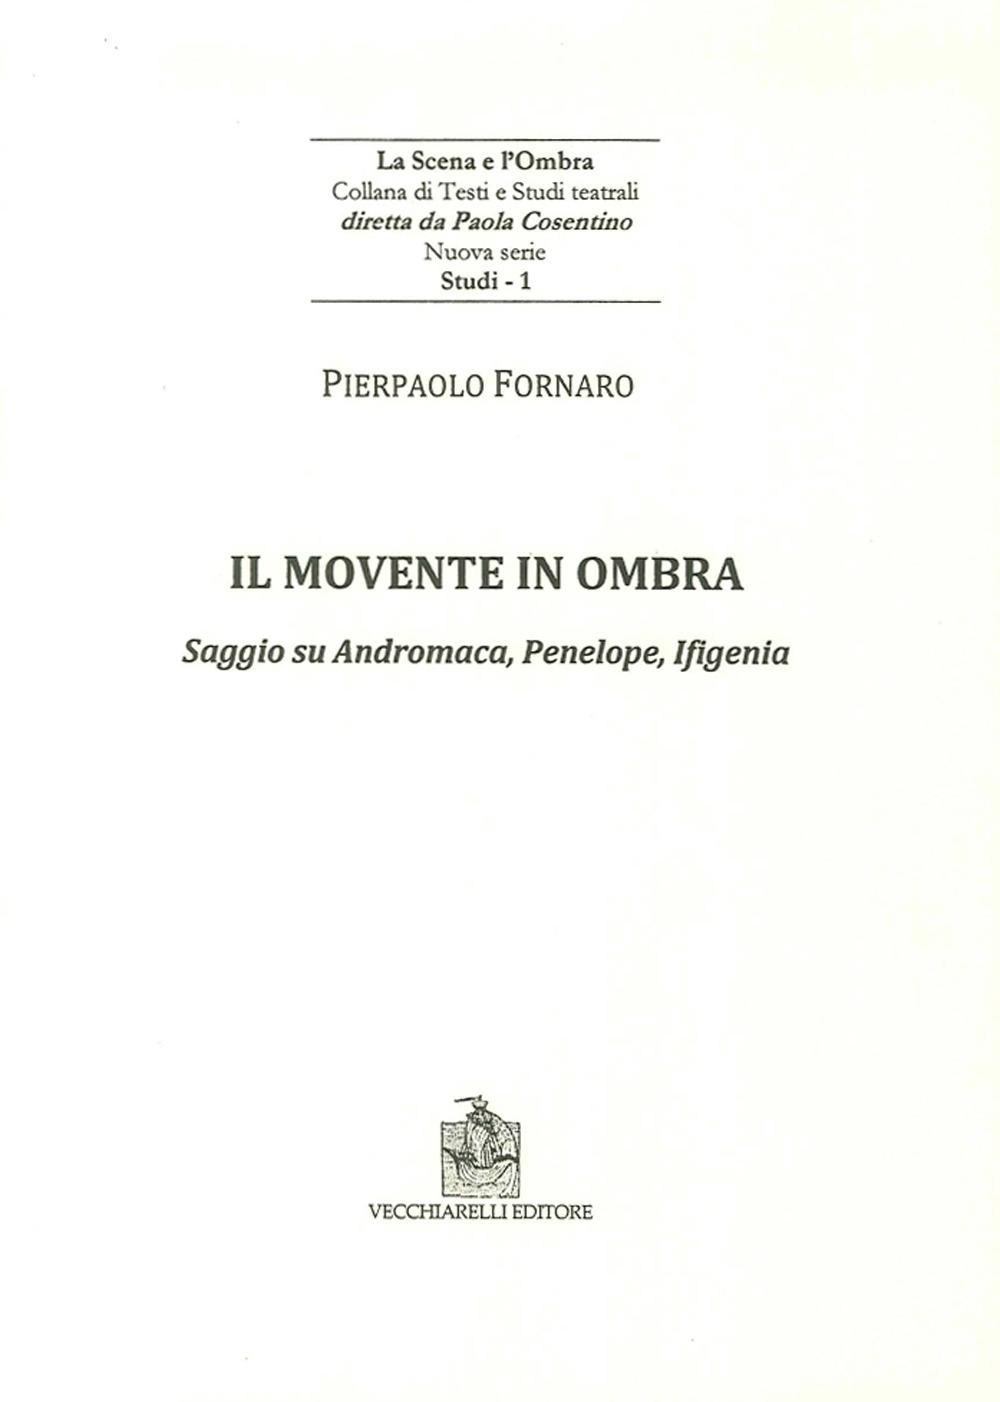 Il Movente in Ombra. Saggio Su Andromaca, Penelope, Ificenia.